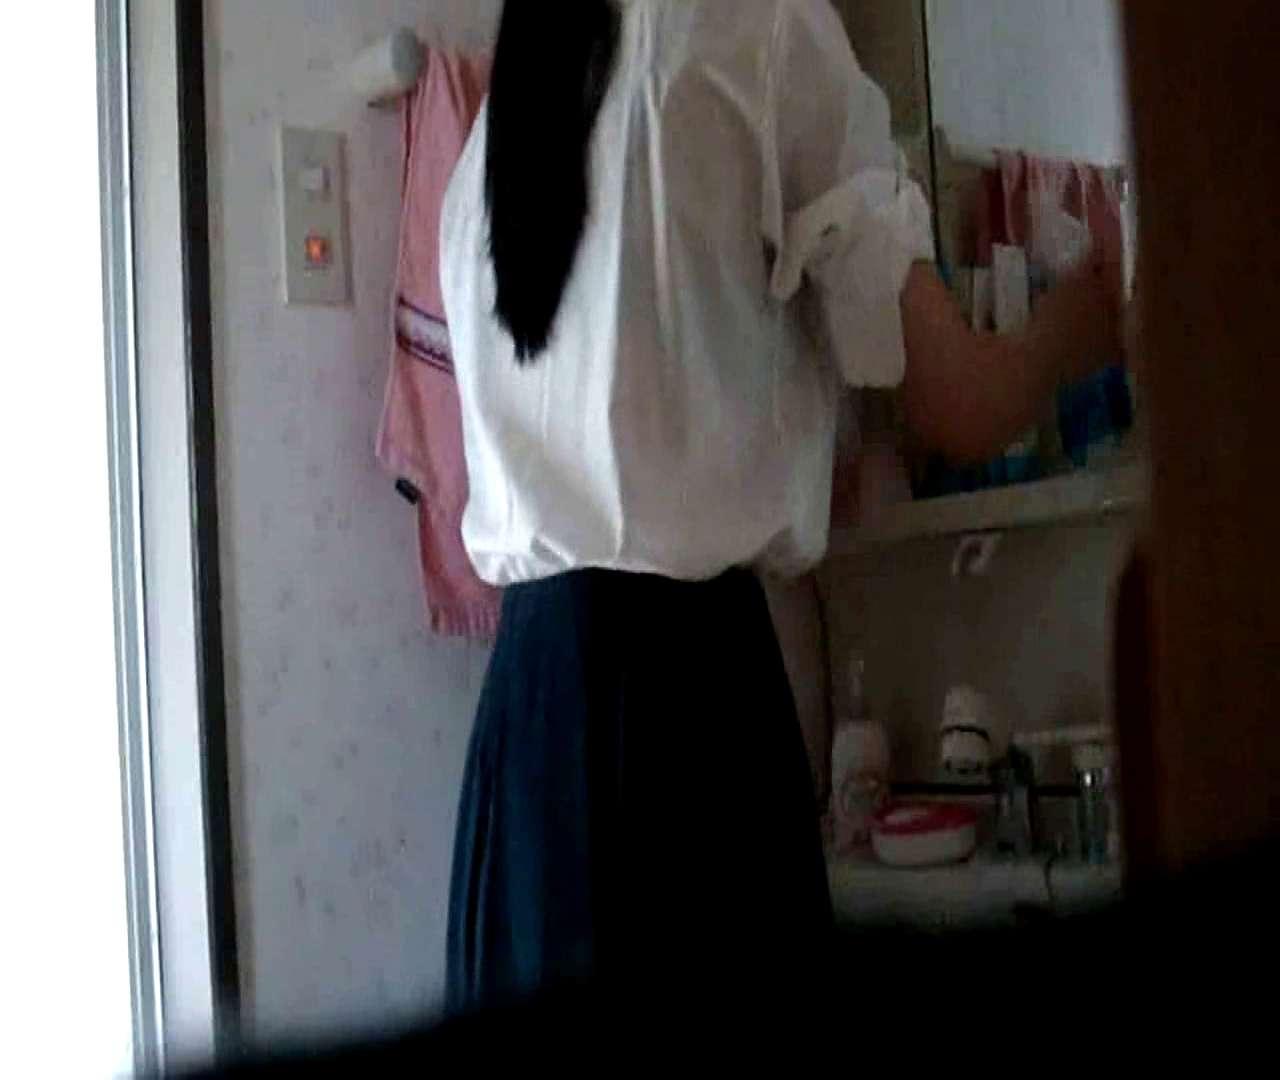 二人とも育てた甲斐がありました… vol.02 まどかの朝の着替え HなOL   女子着替え  67pic 11